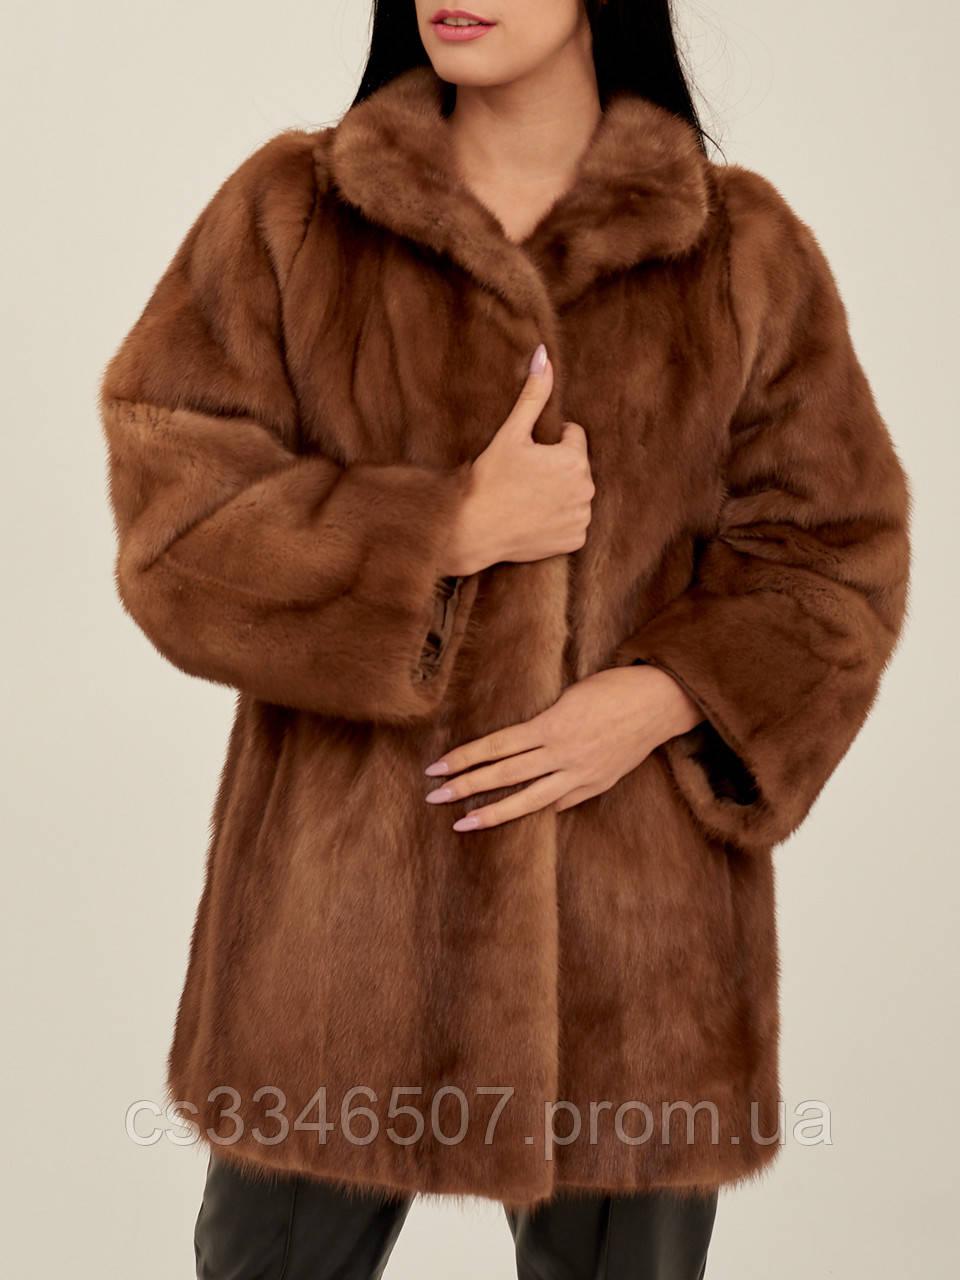 Норковая шуба коричневая женская Saga Mink